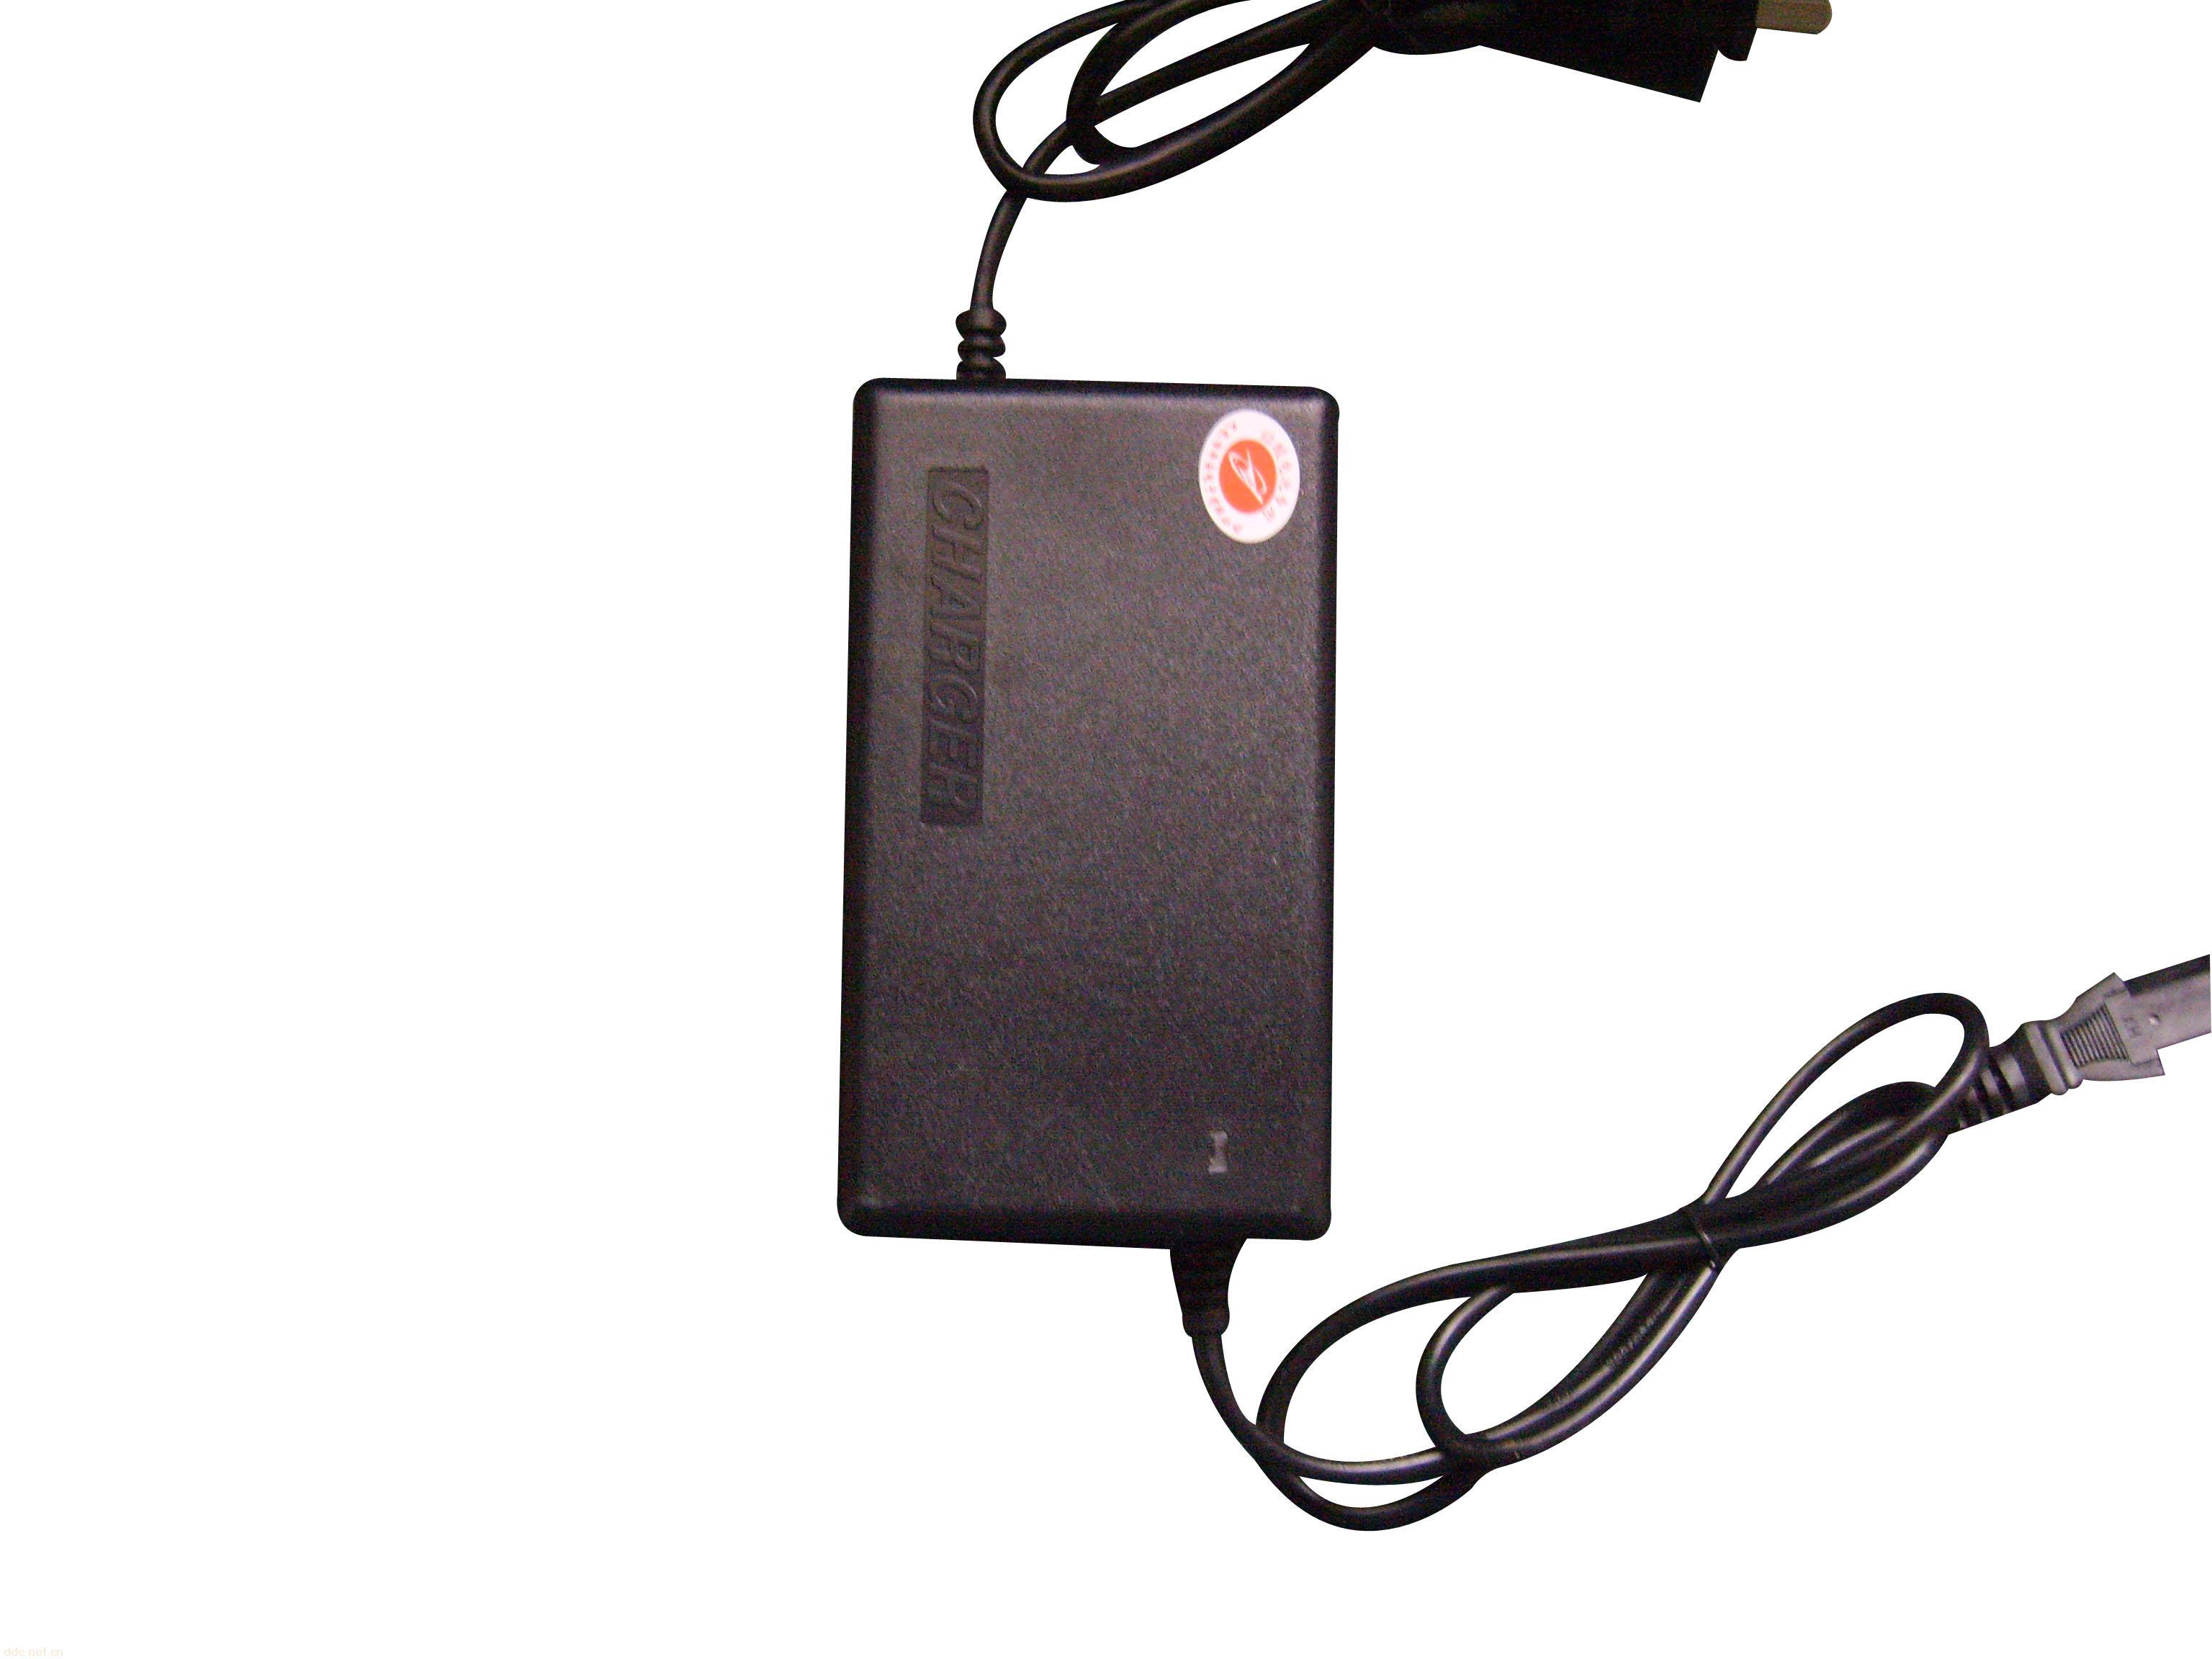 销售电动车充电器 _ 天长市平安电子有限公司